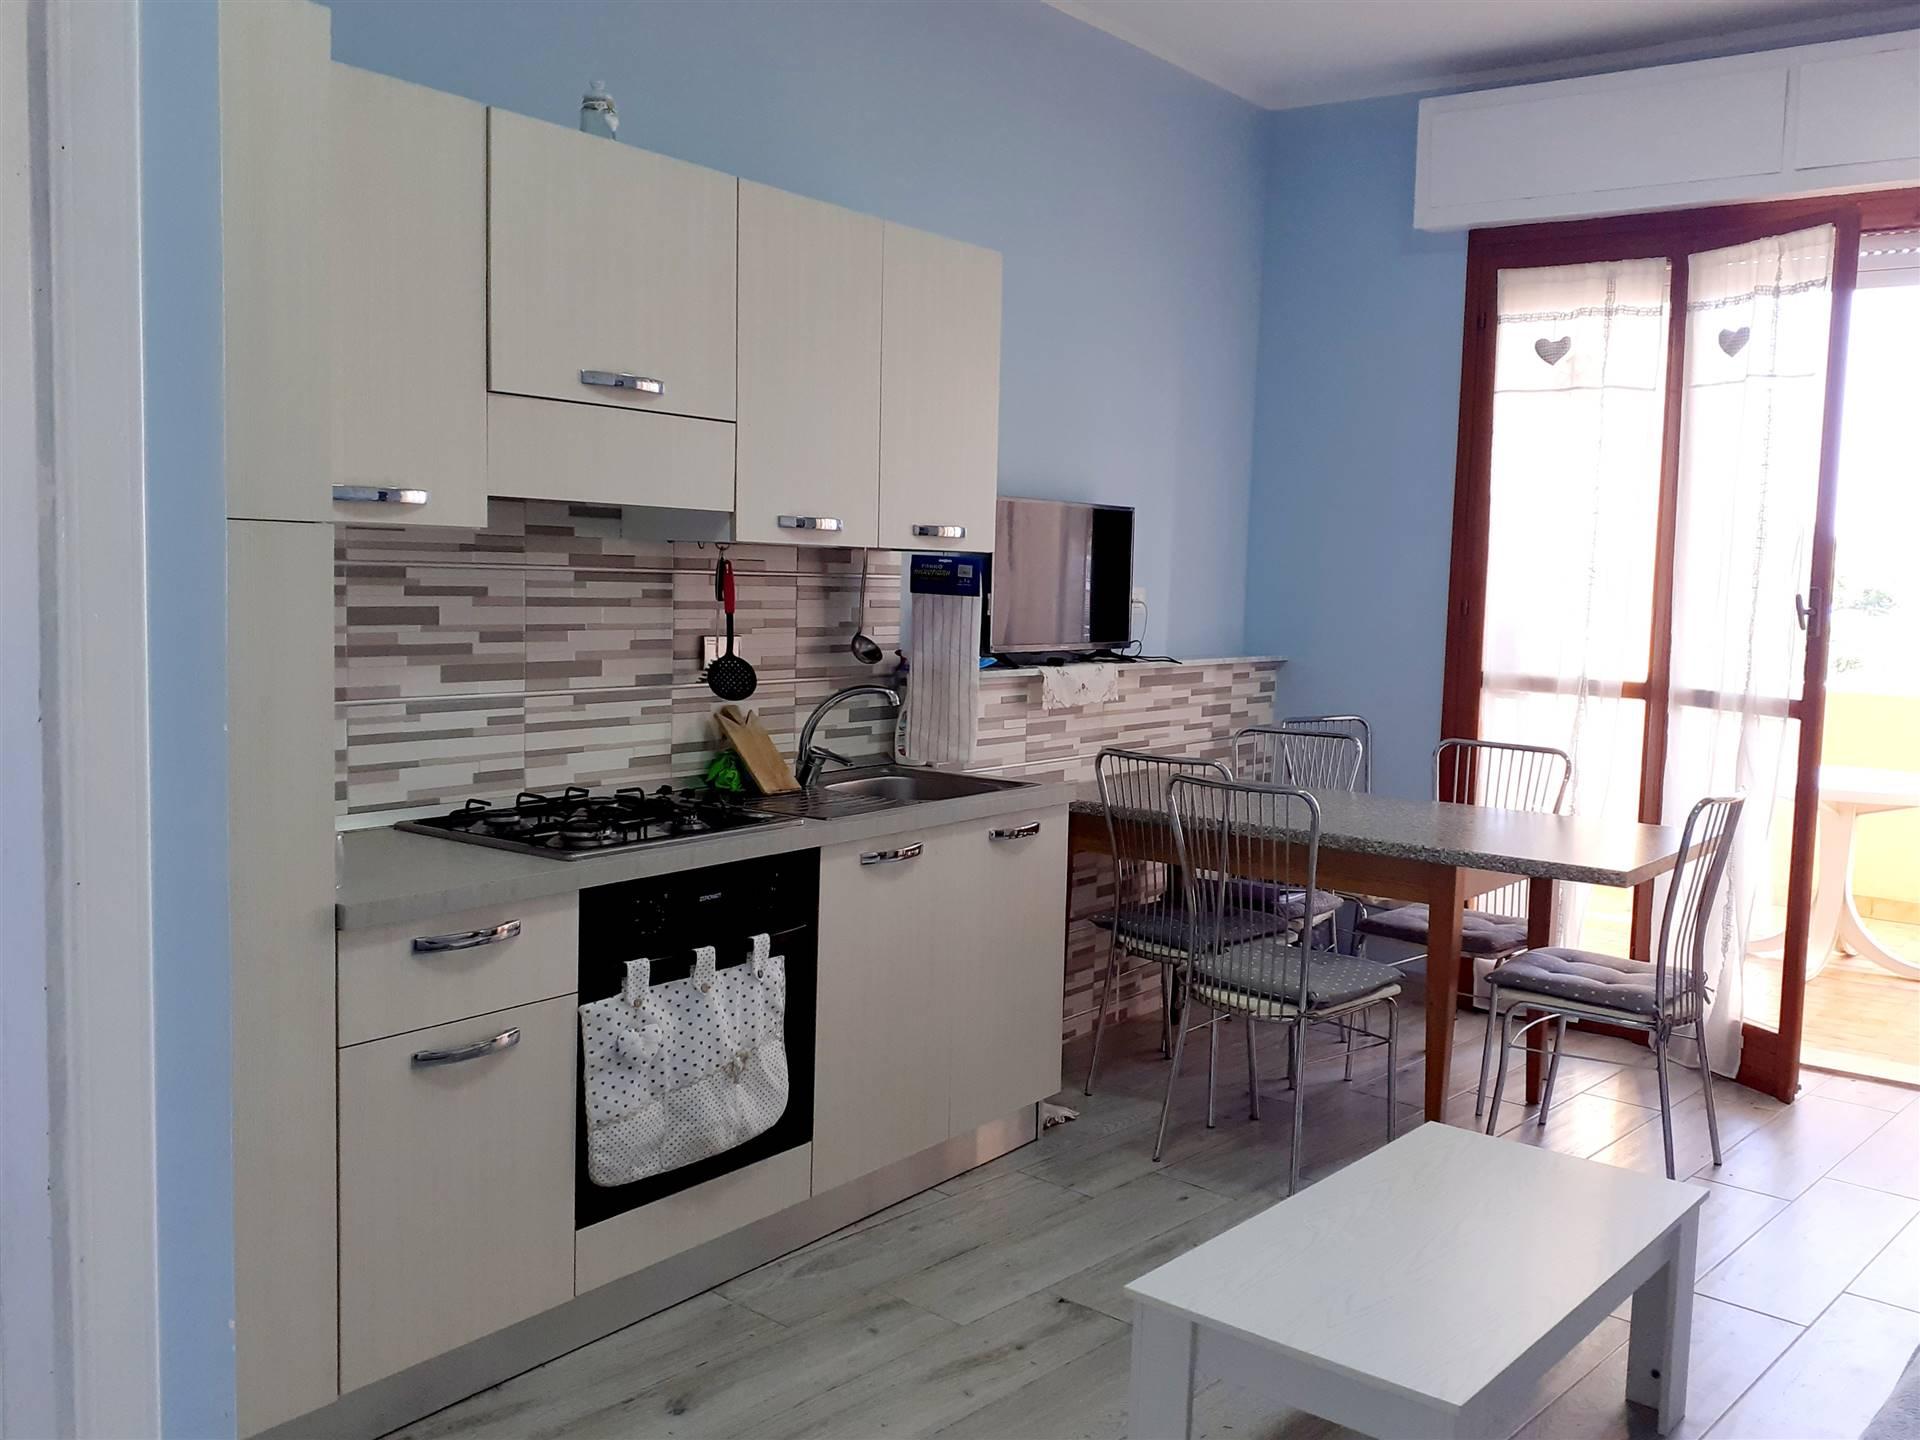 Appartamento trilocale in residence più precisamente in via Dei Tulipani 15 vicino alla via Aurelia, al mare e a tutti i principali servizi .